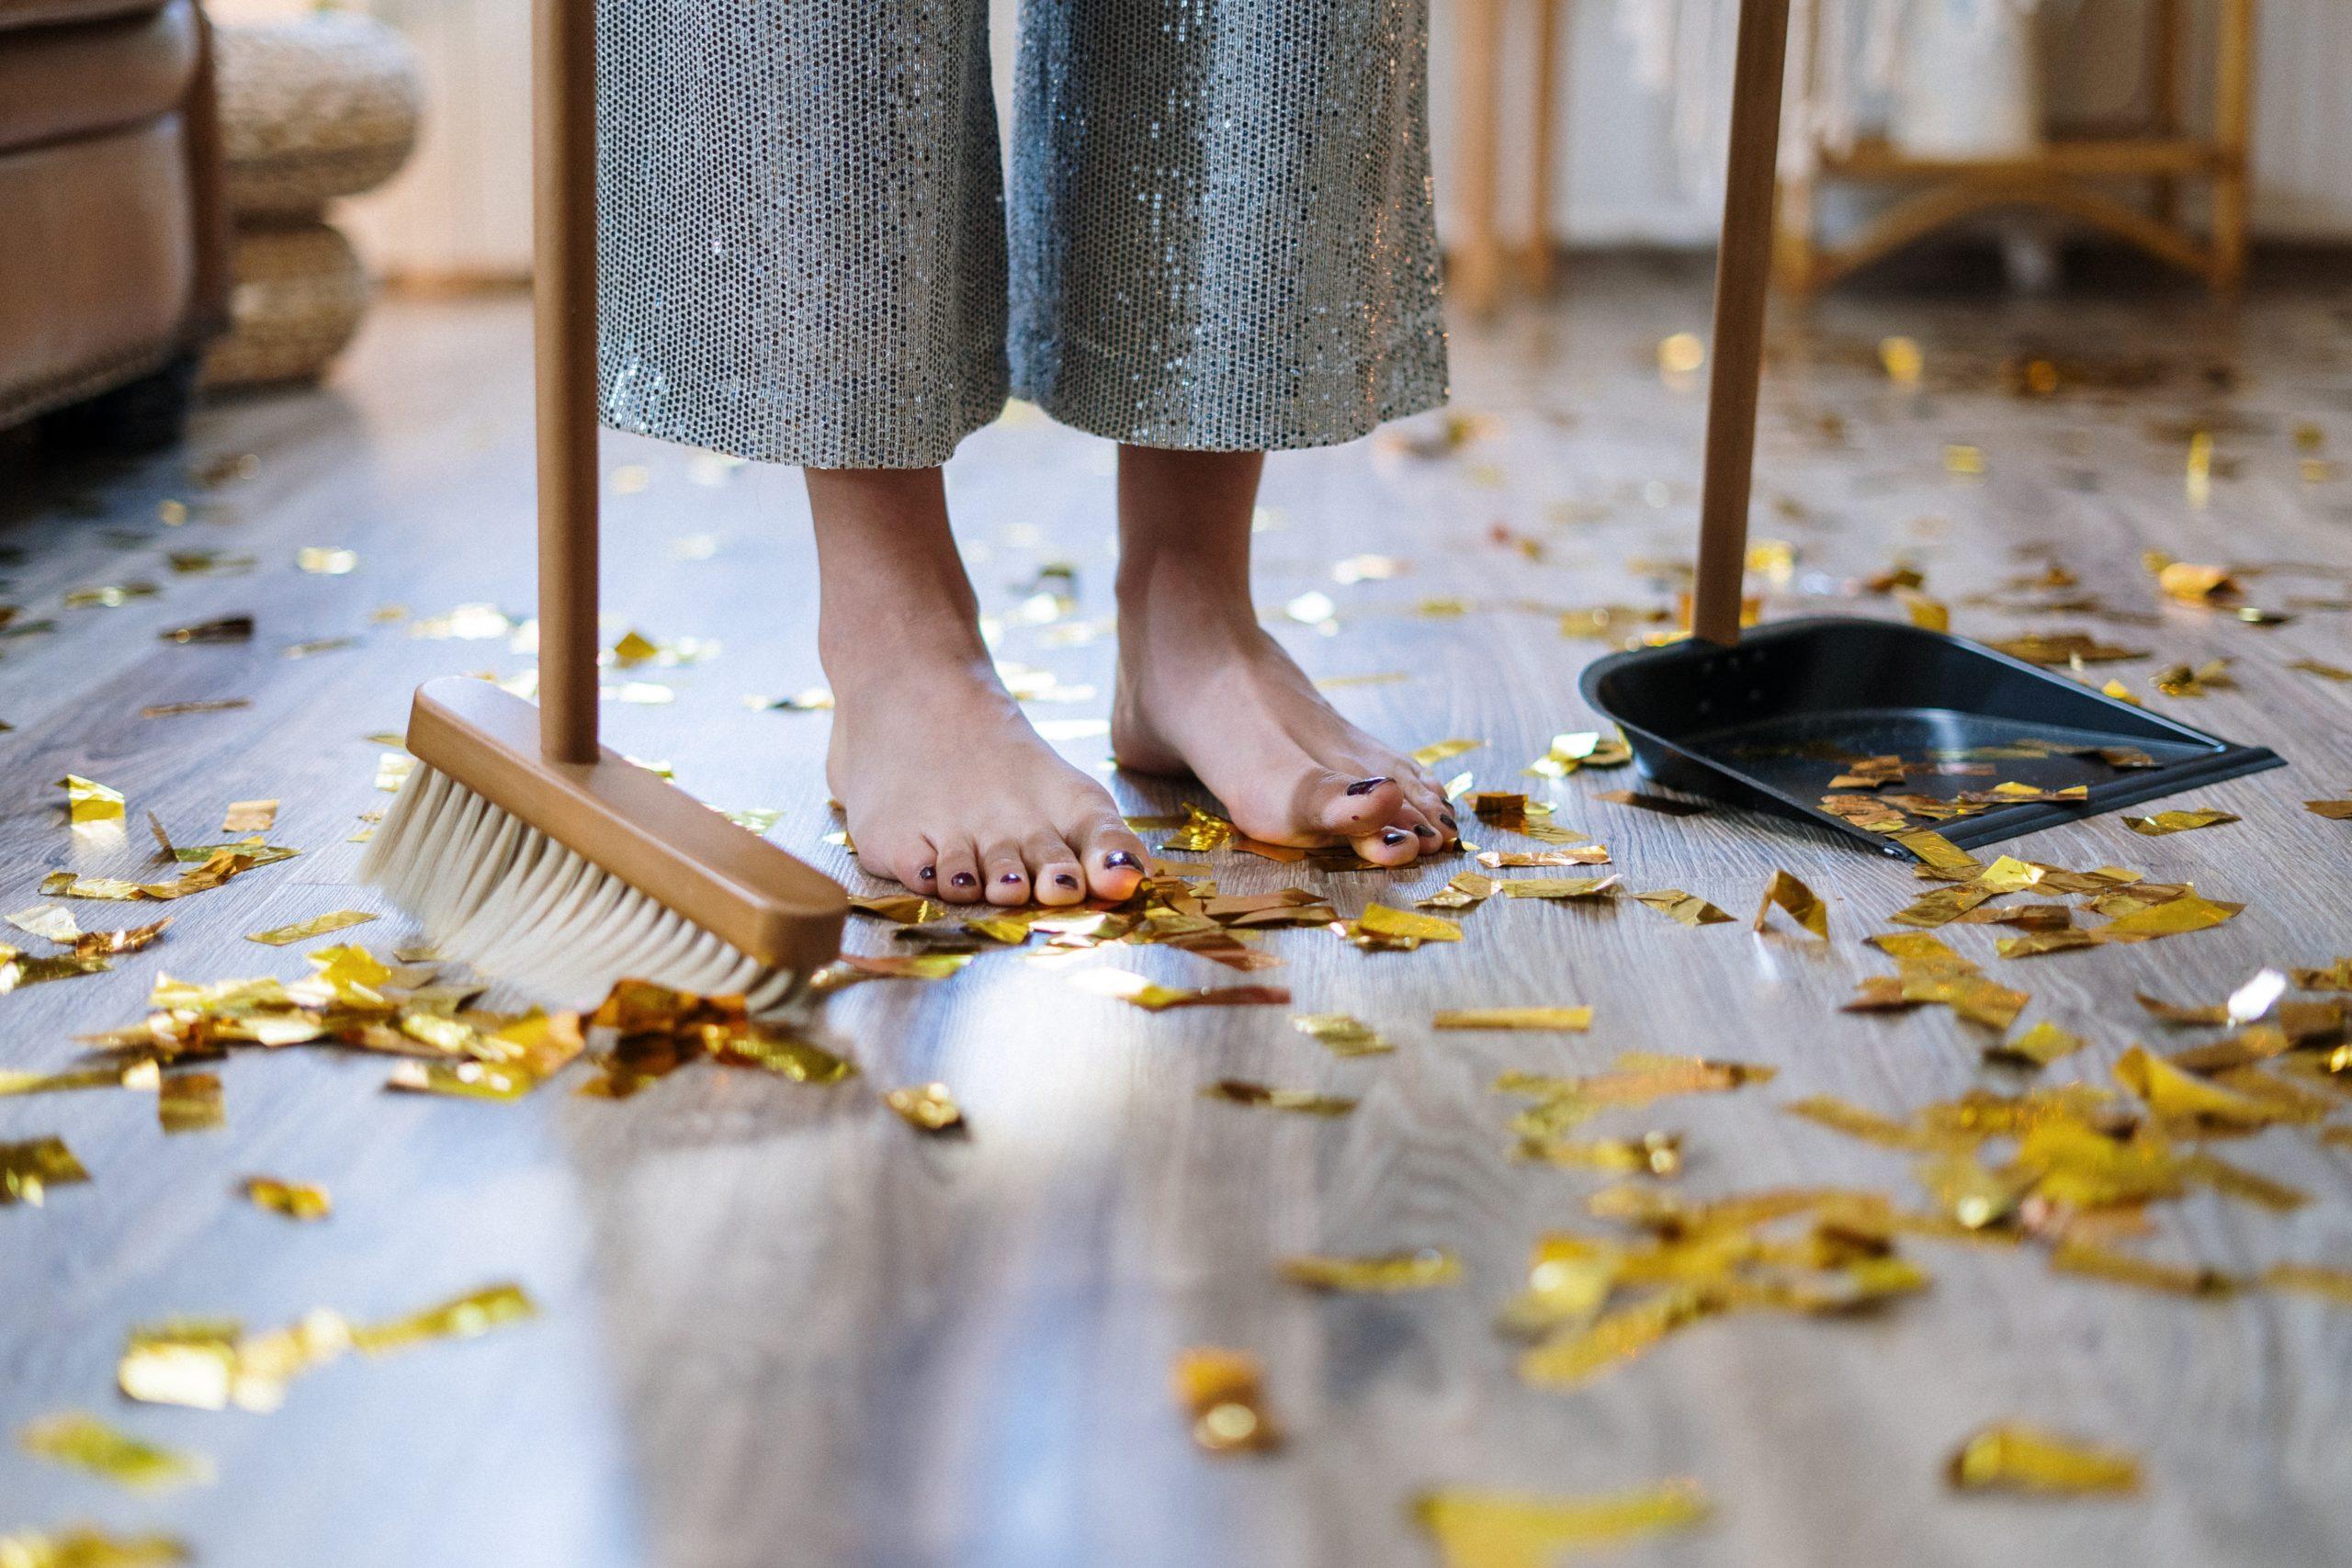 Goldglitter um Füße und Besen mit Kehrblech herum